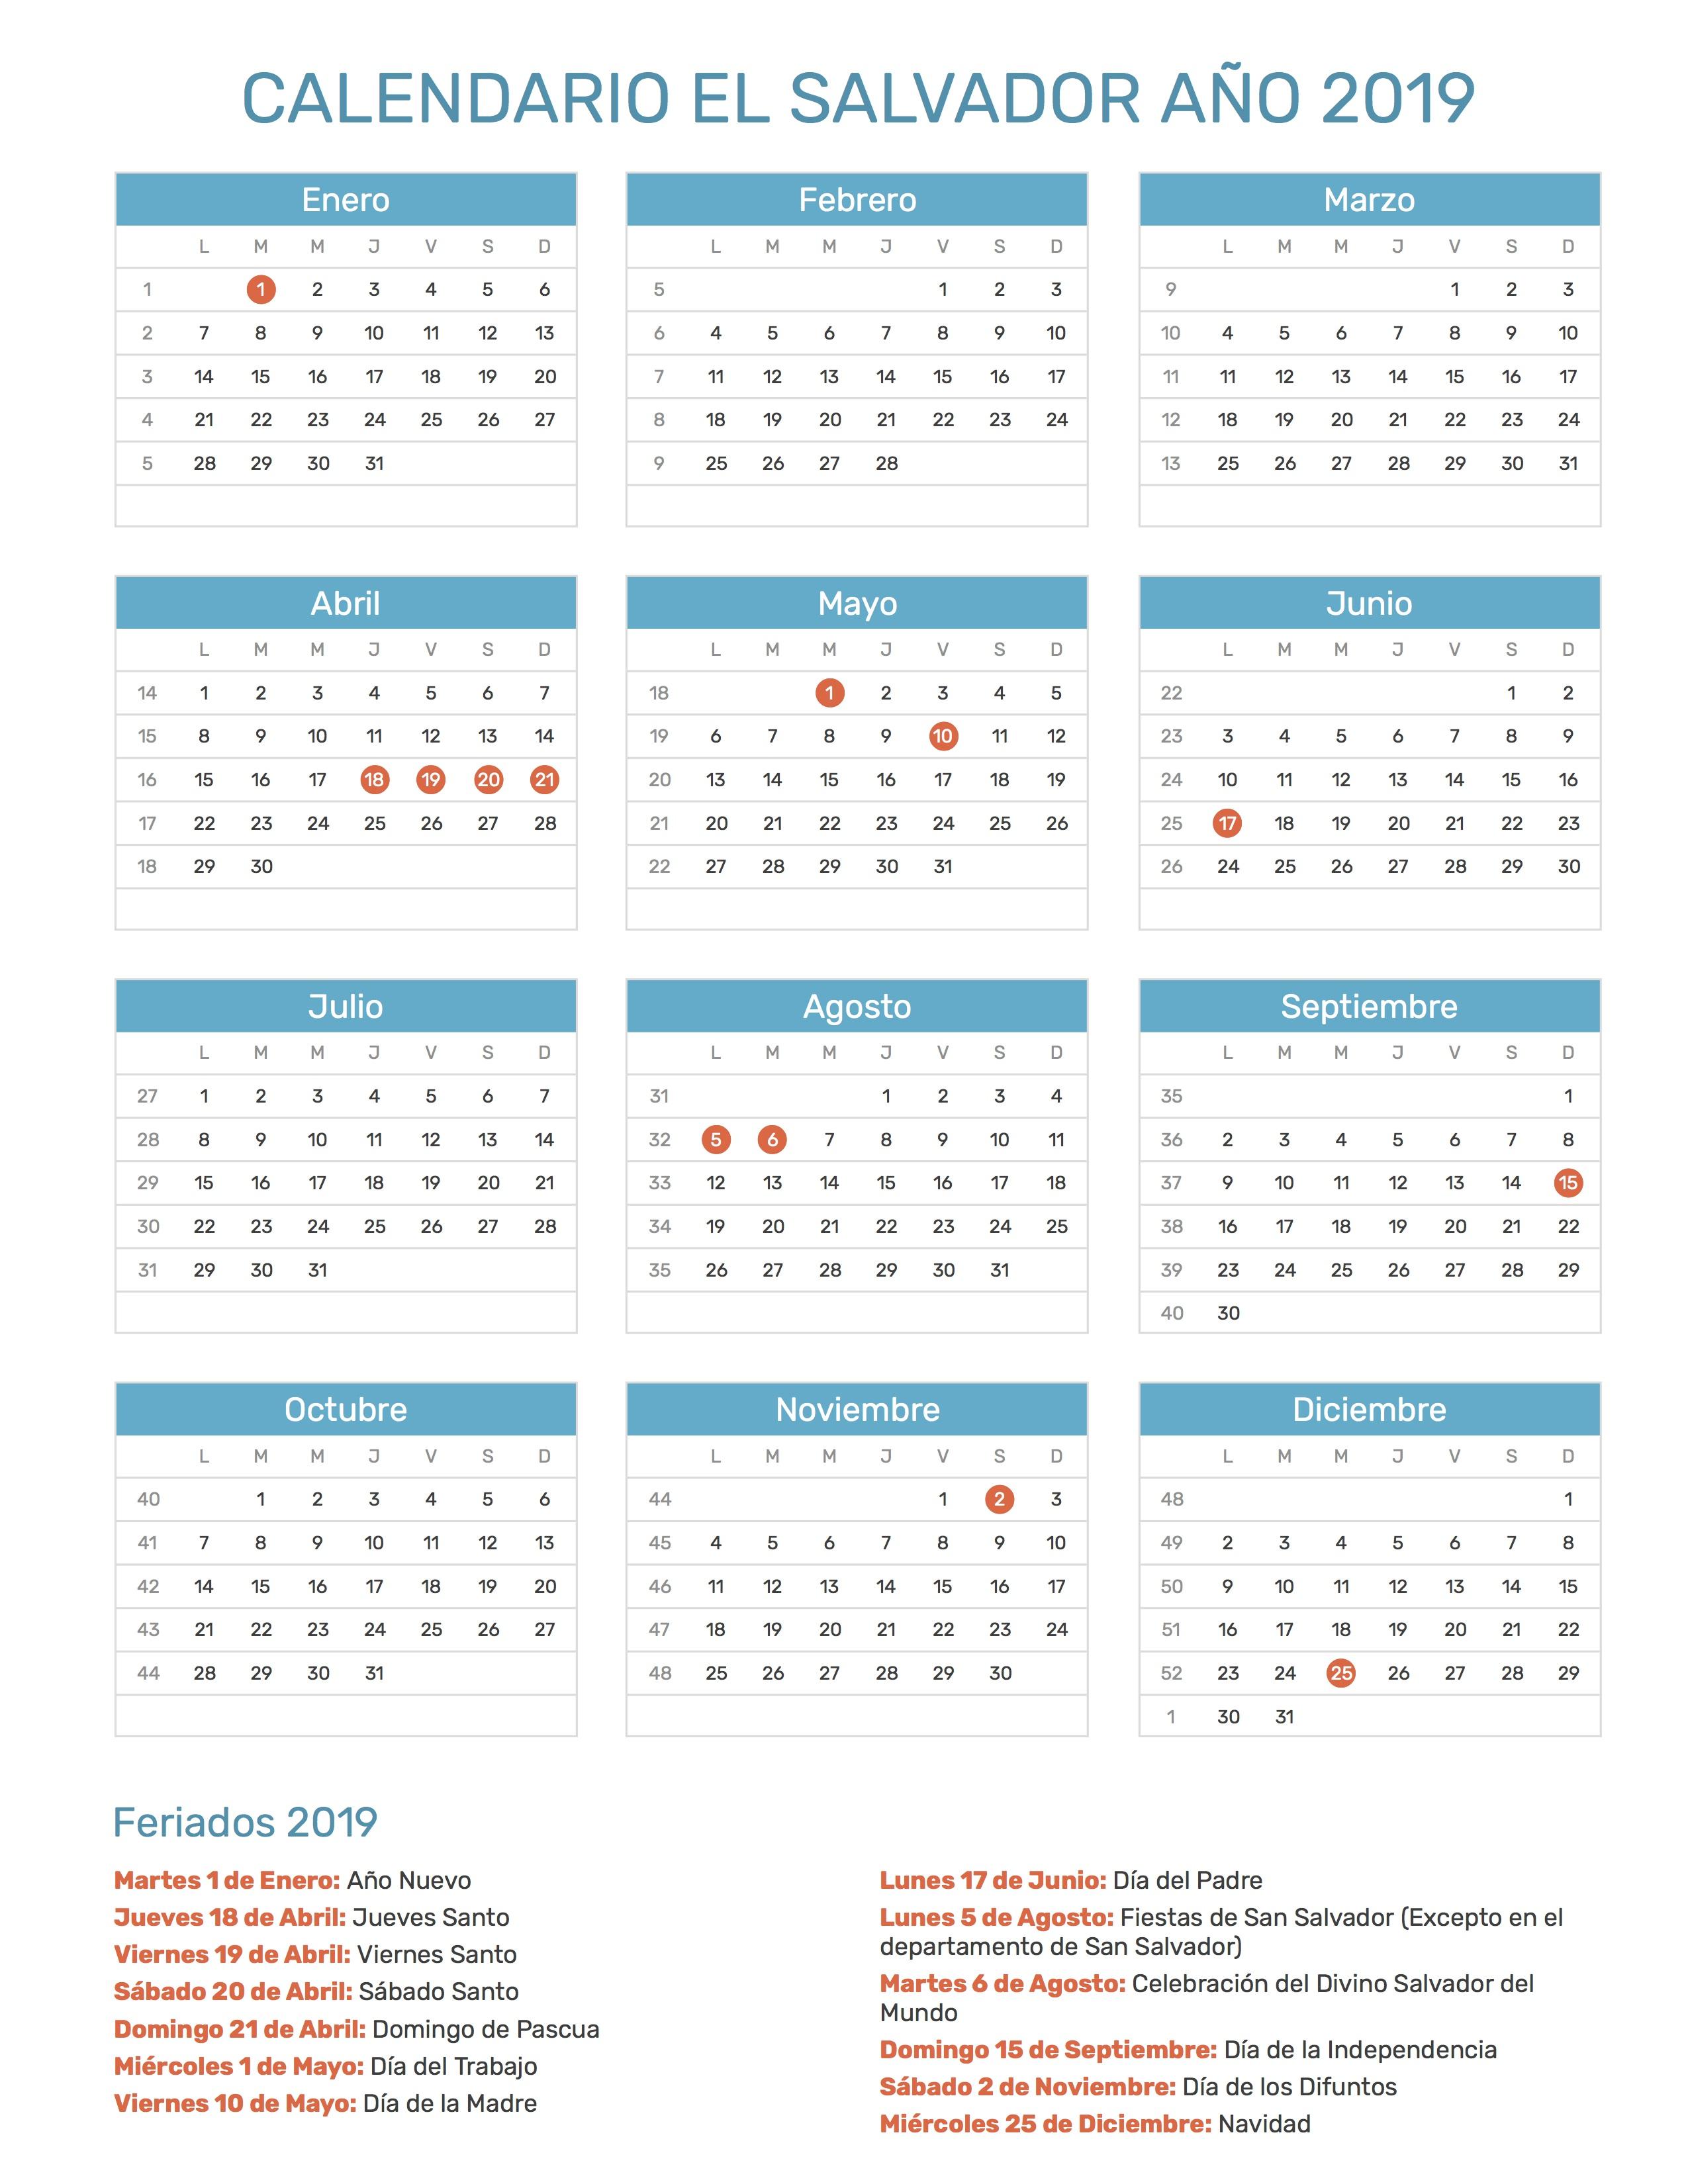 Calendario Colombia 2019 Para Imprimir.Calendario De El Salvador Ano 2019 Feriados